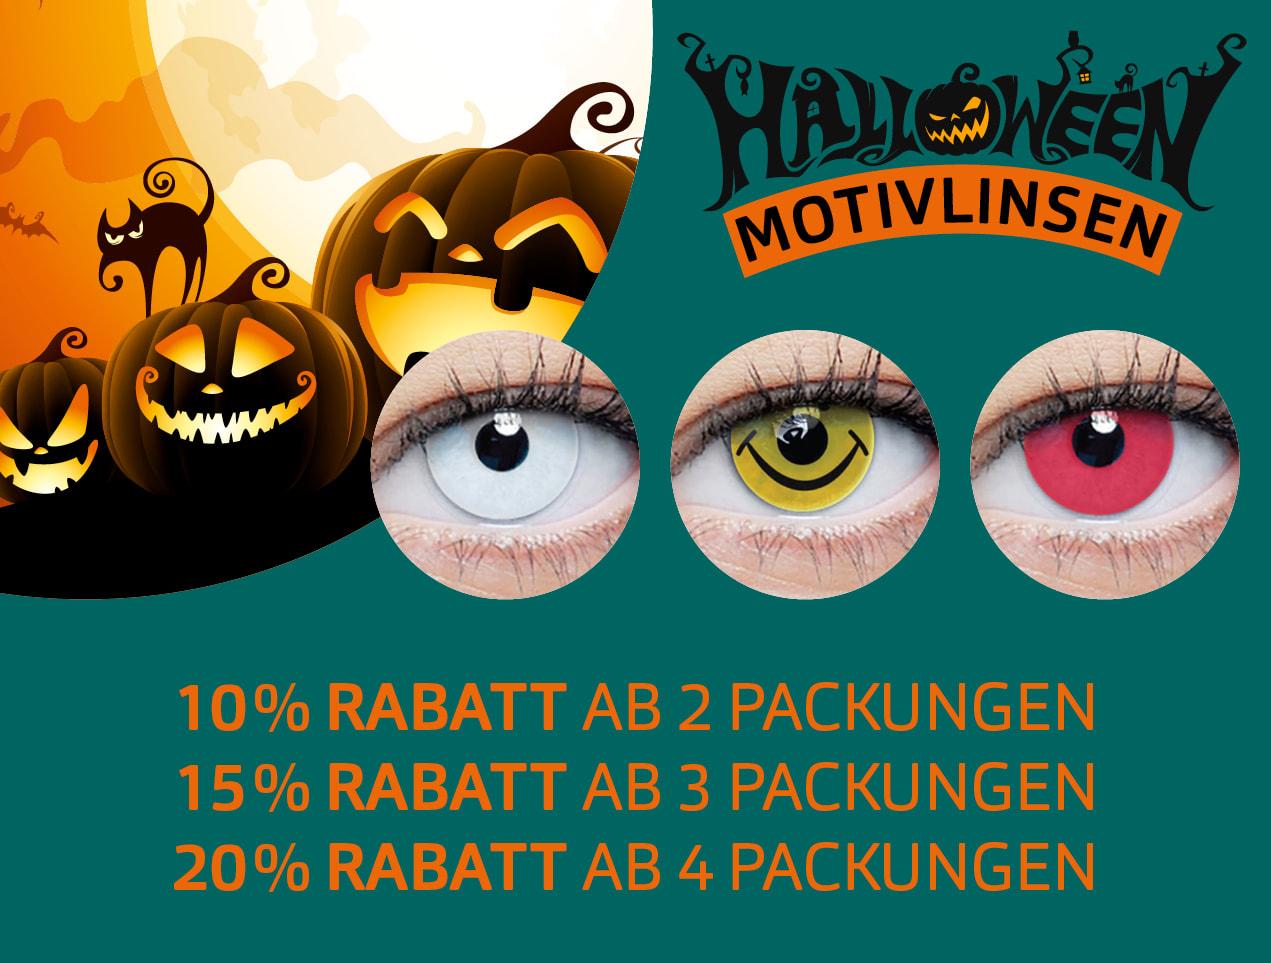 PEARLE Website Kachel Online Halloween 610x462 FIN